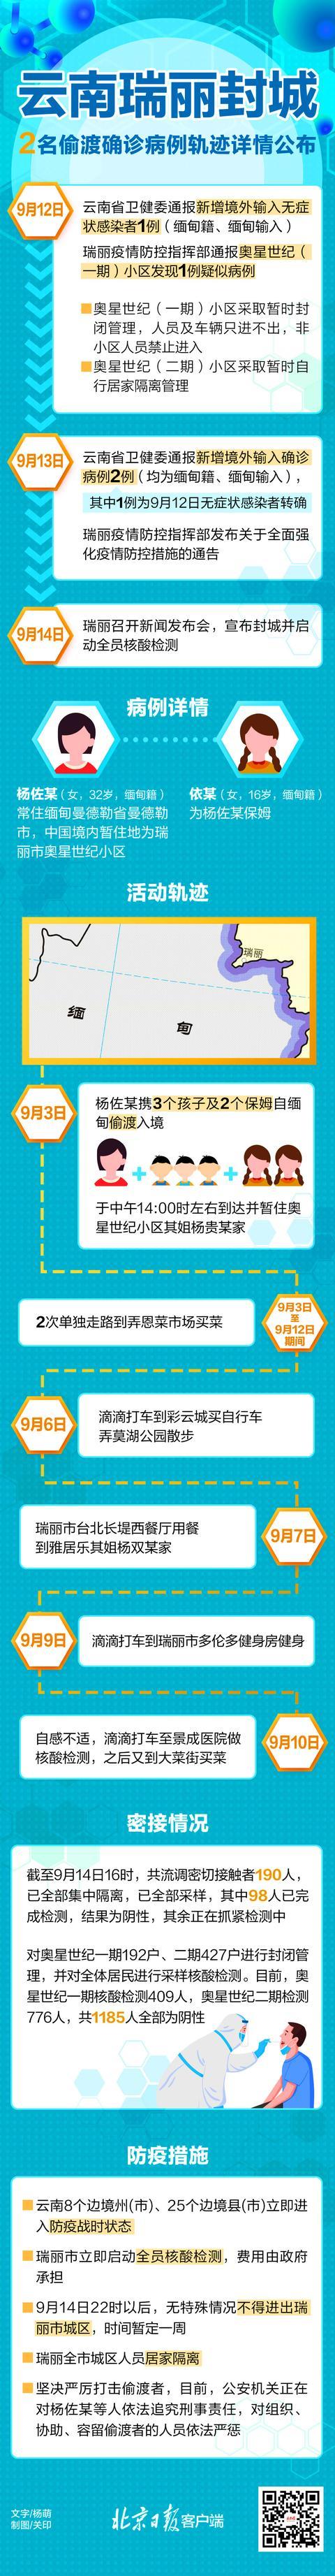 一图读懂|云南瑞丽宣布封城,偷渡病例详情和时间线公布【www.smxdc.net】